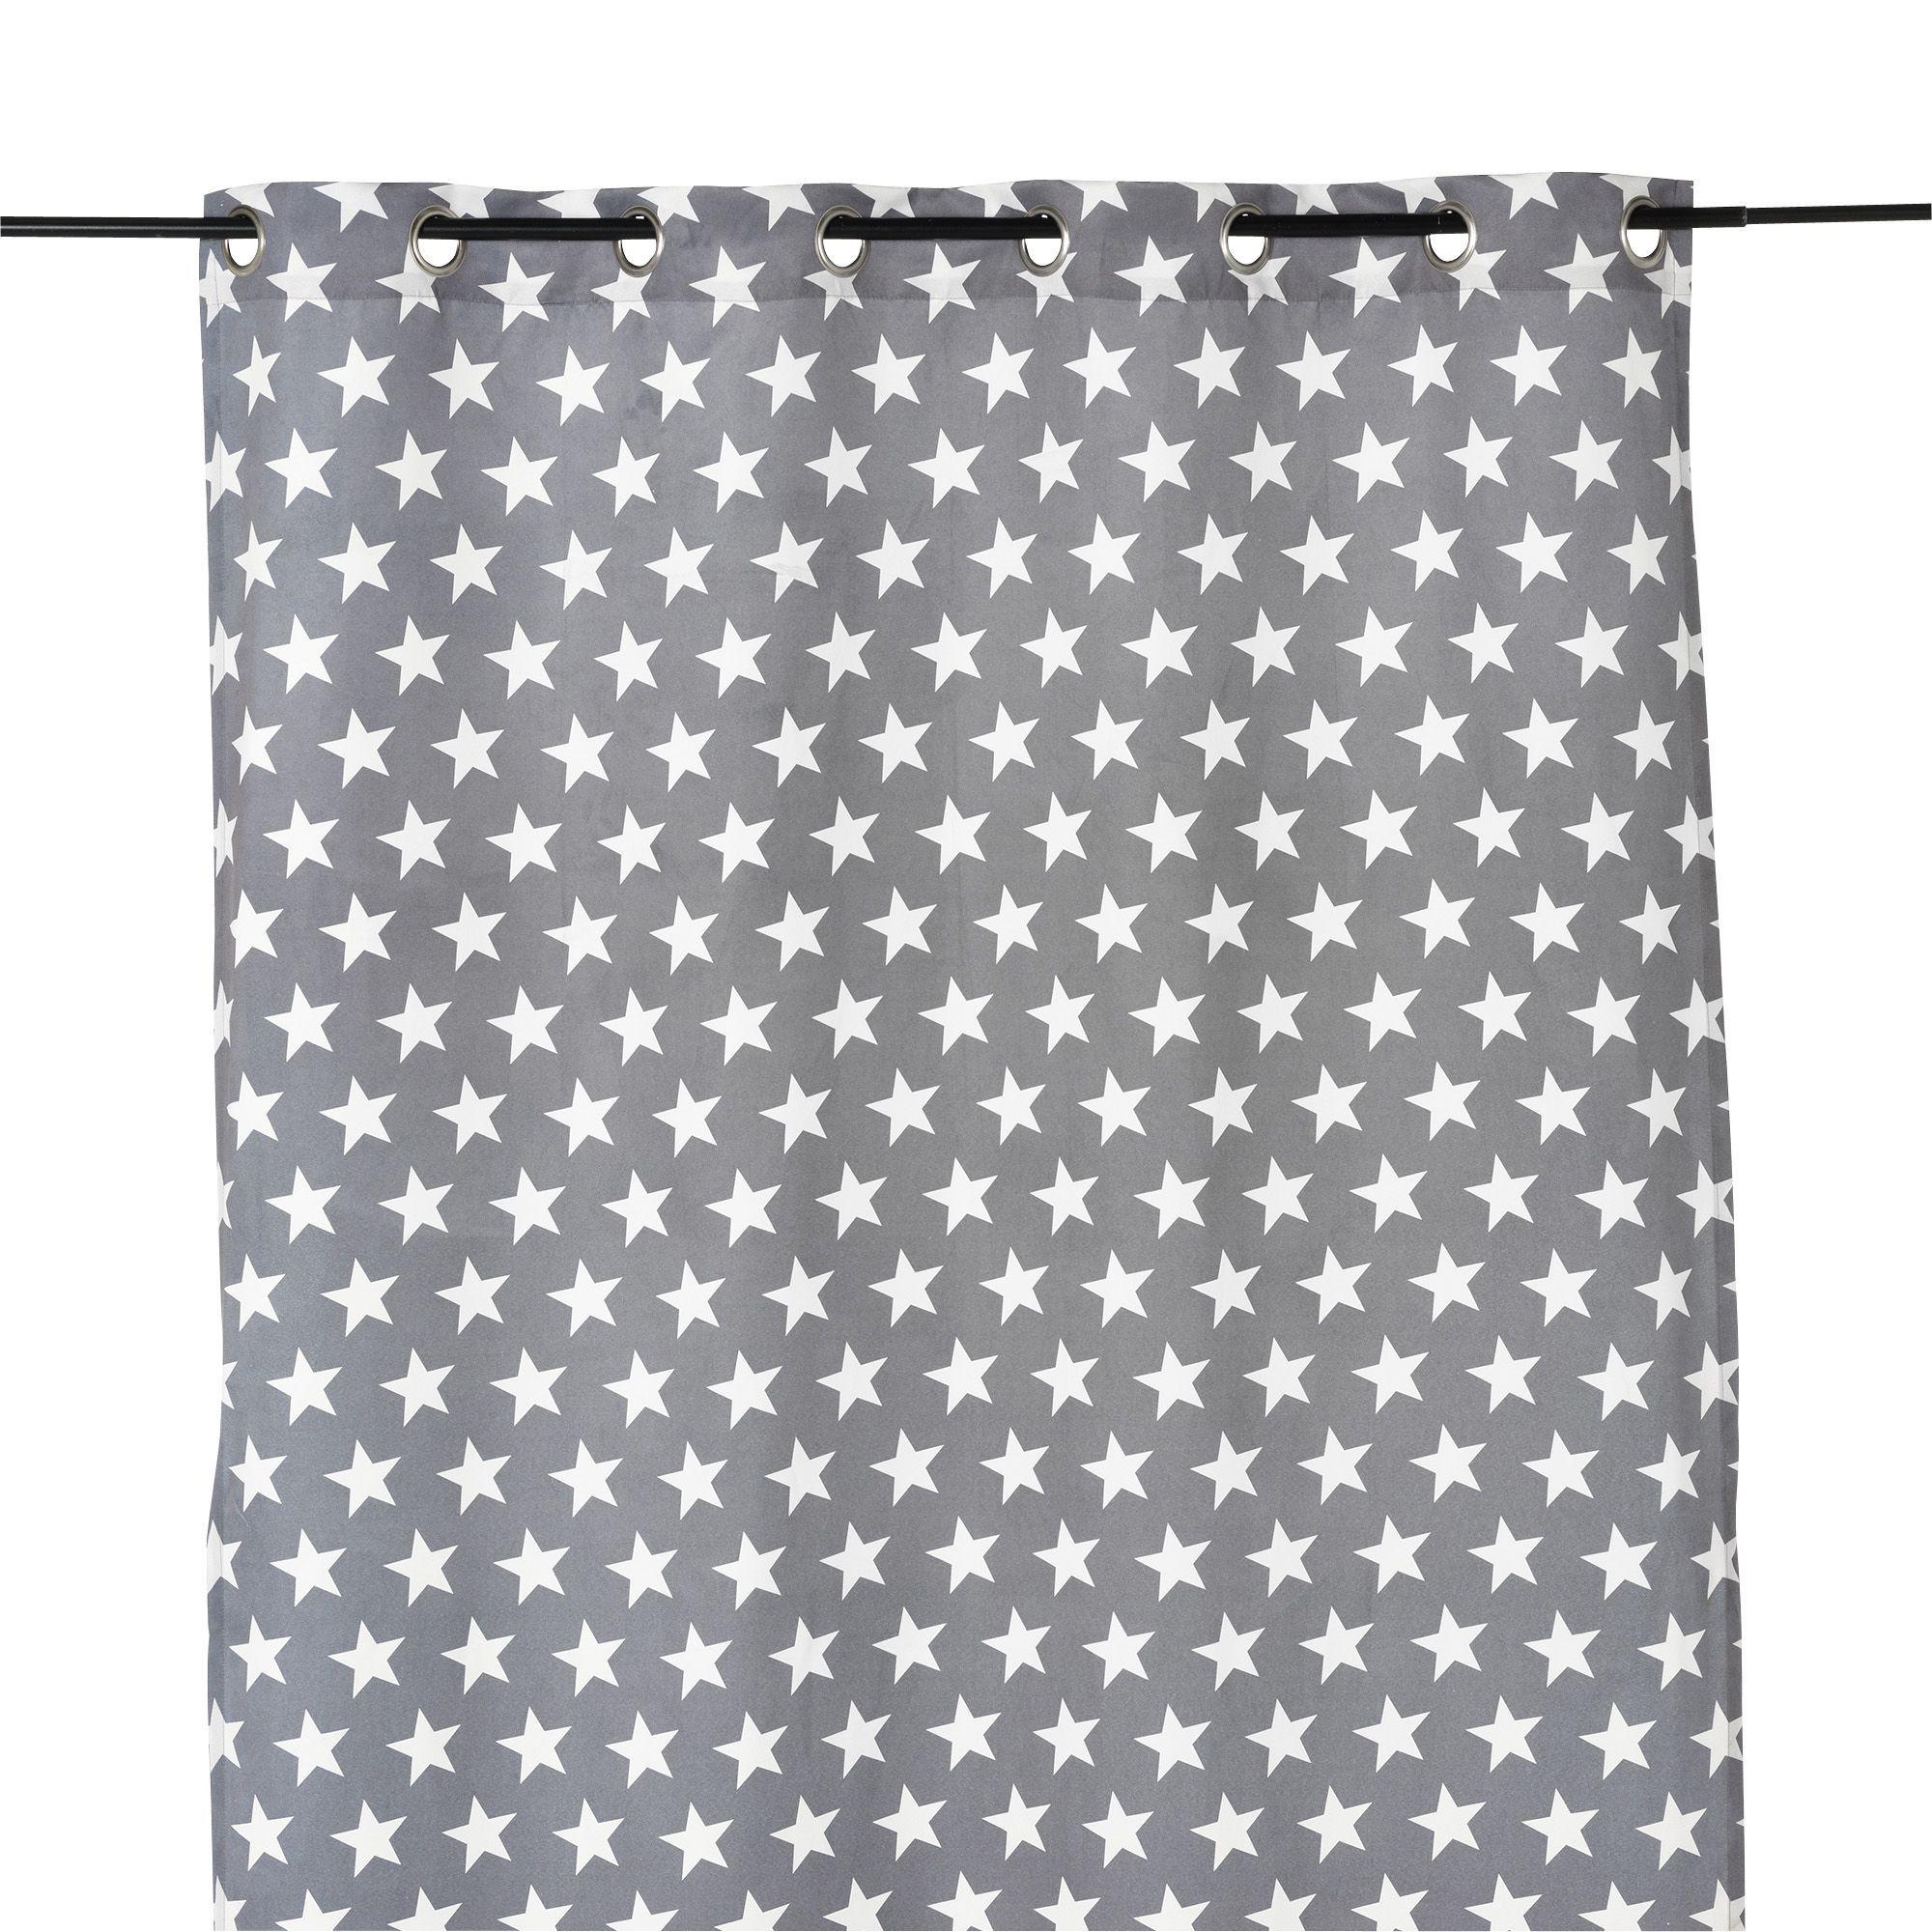 Rideau illets 140x250cm gris motifs toiles gris blanc - Rideaux salle a manger salon ...